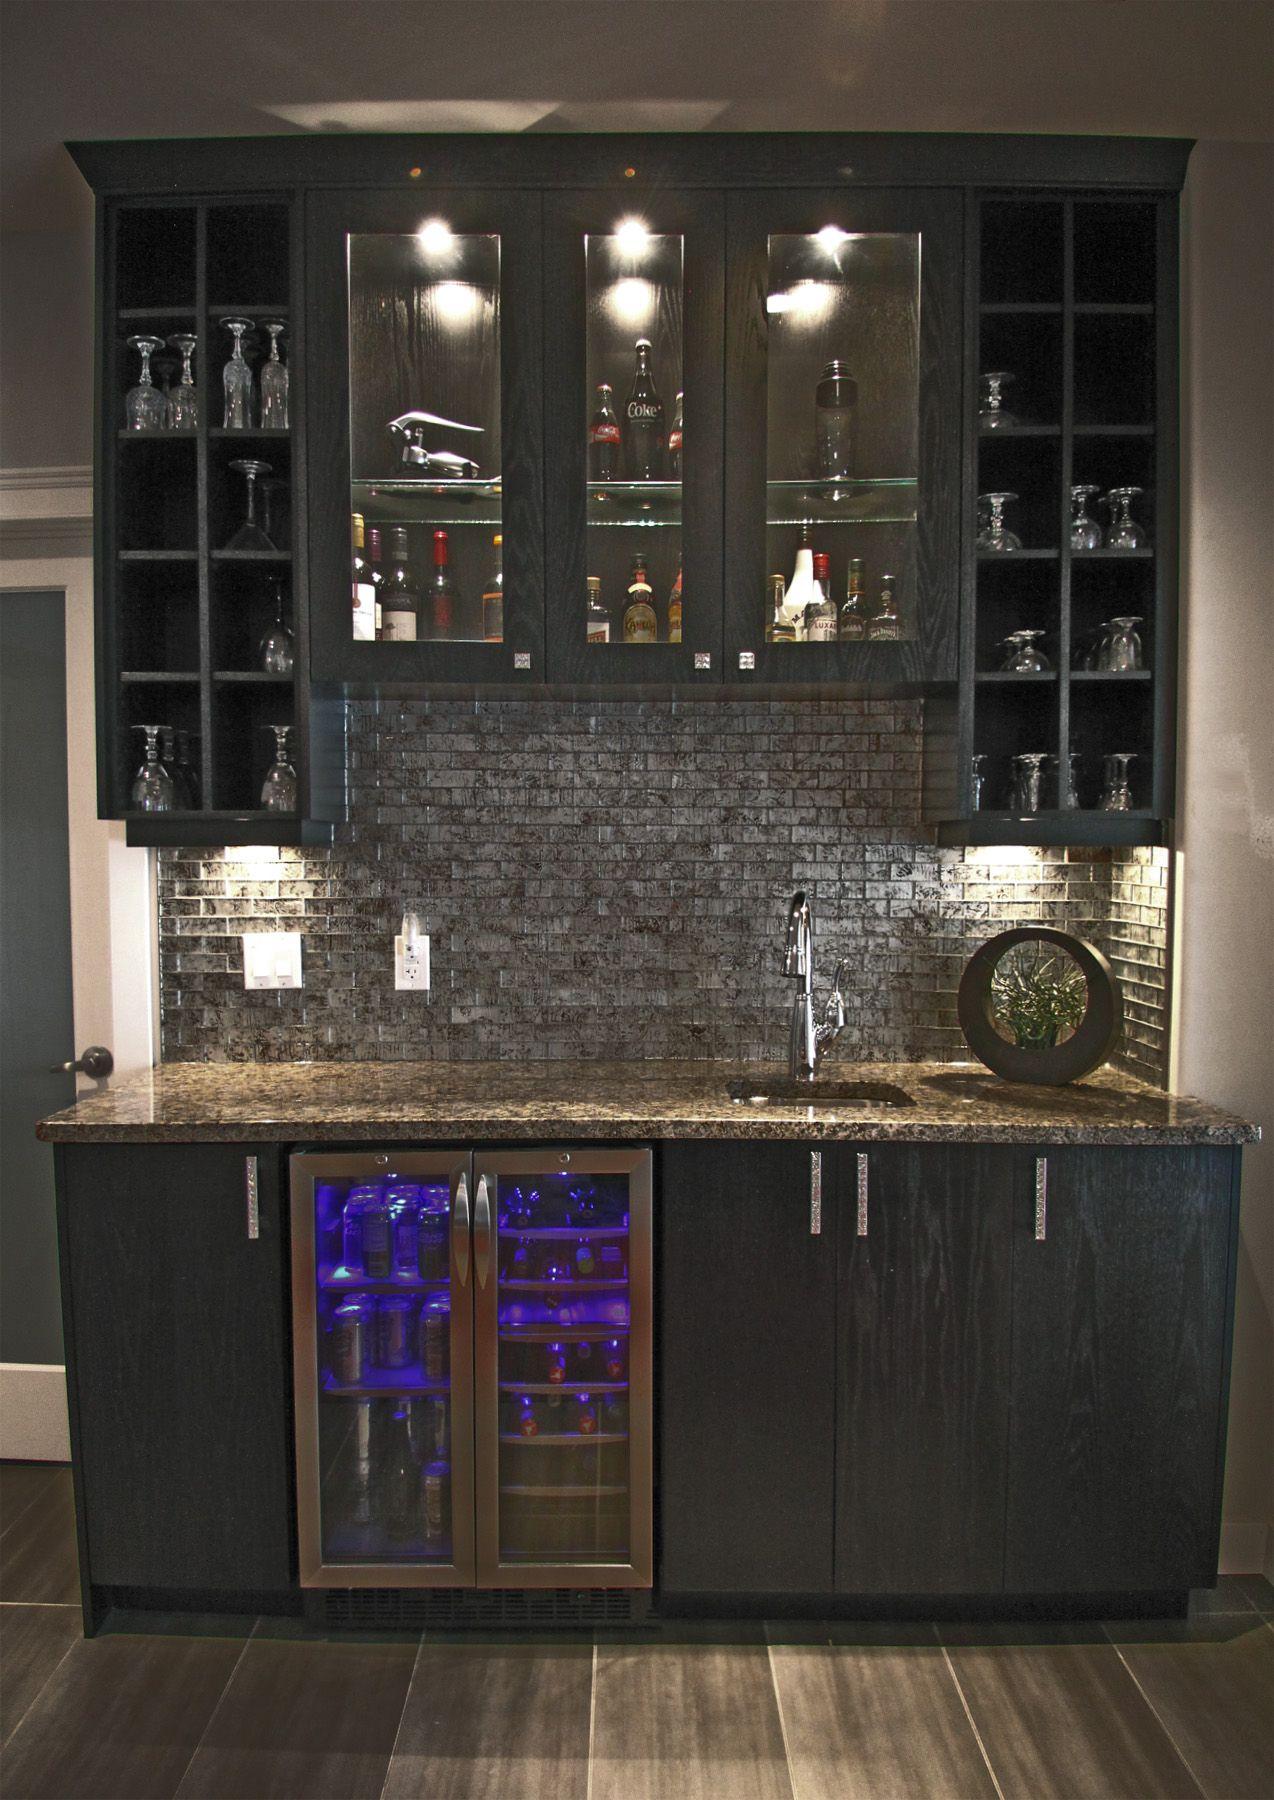 2Door Stainless Steel Bar Cooler in 2019  Home Bar Ideas  Wet bar designs Home wet bar Wet